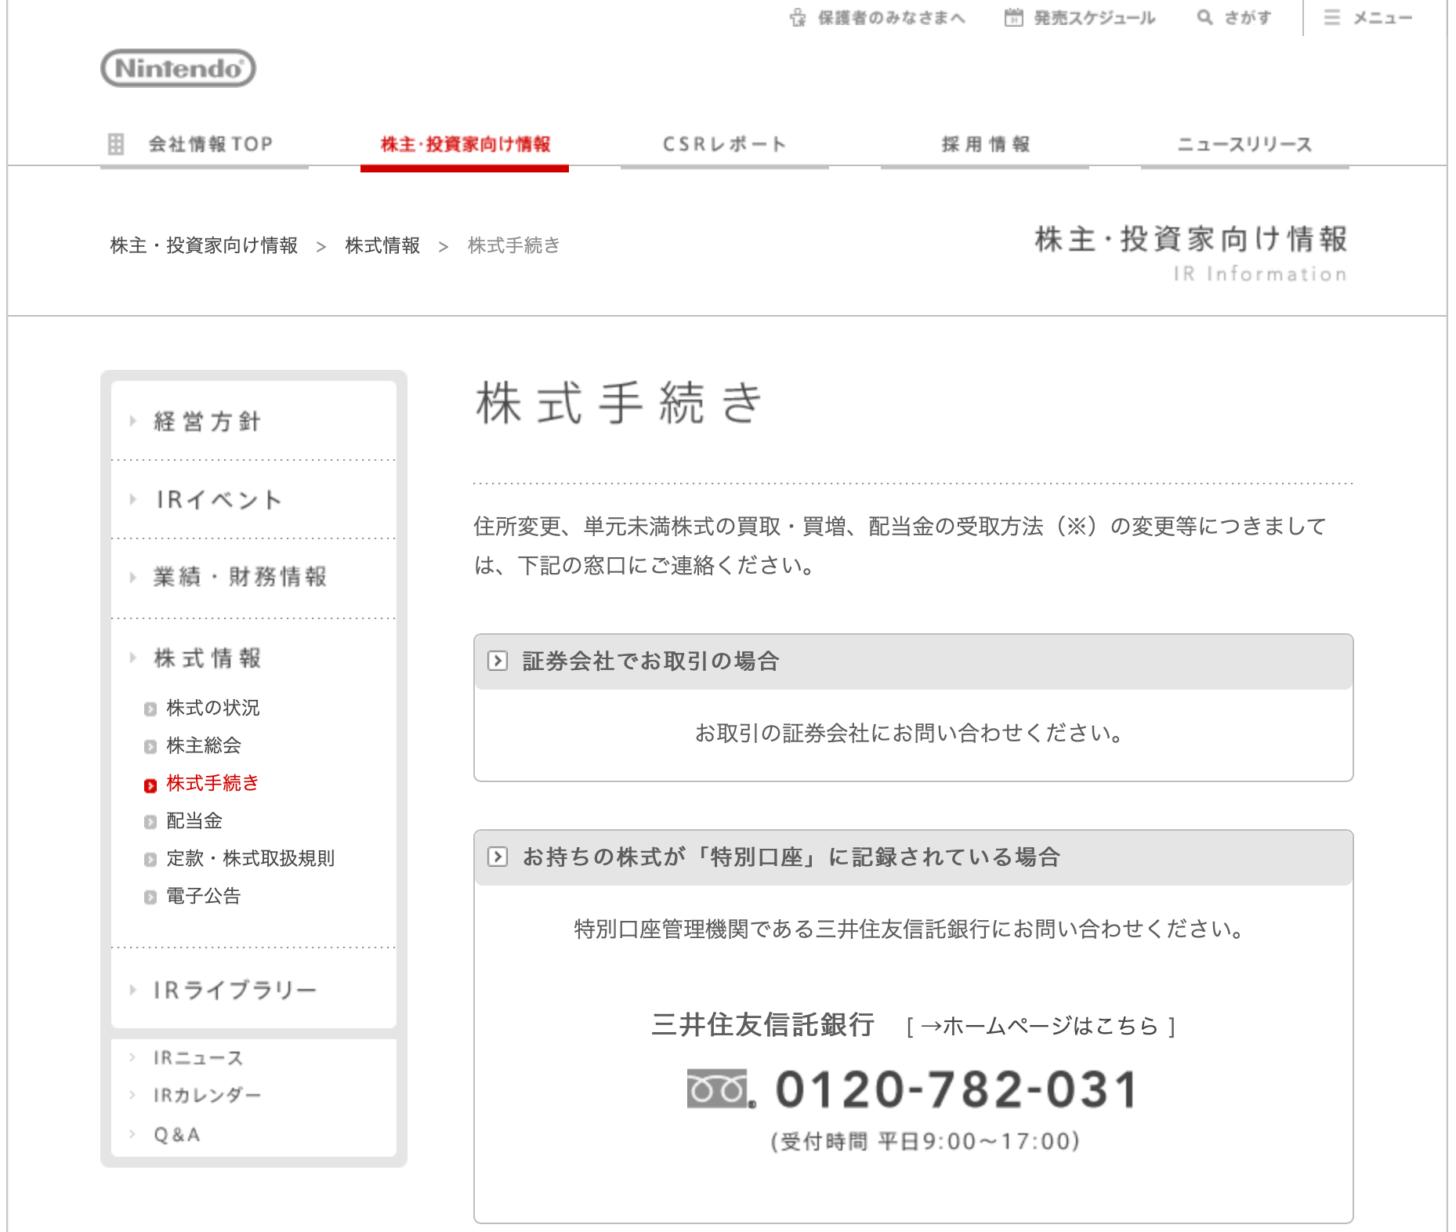 任天堂の株主名簿管理人は三井住友信託銀行